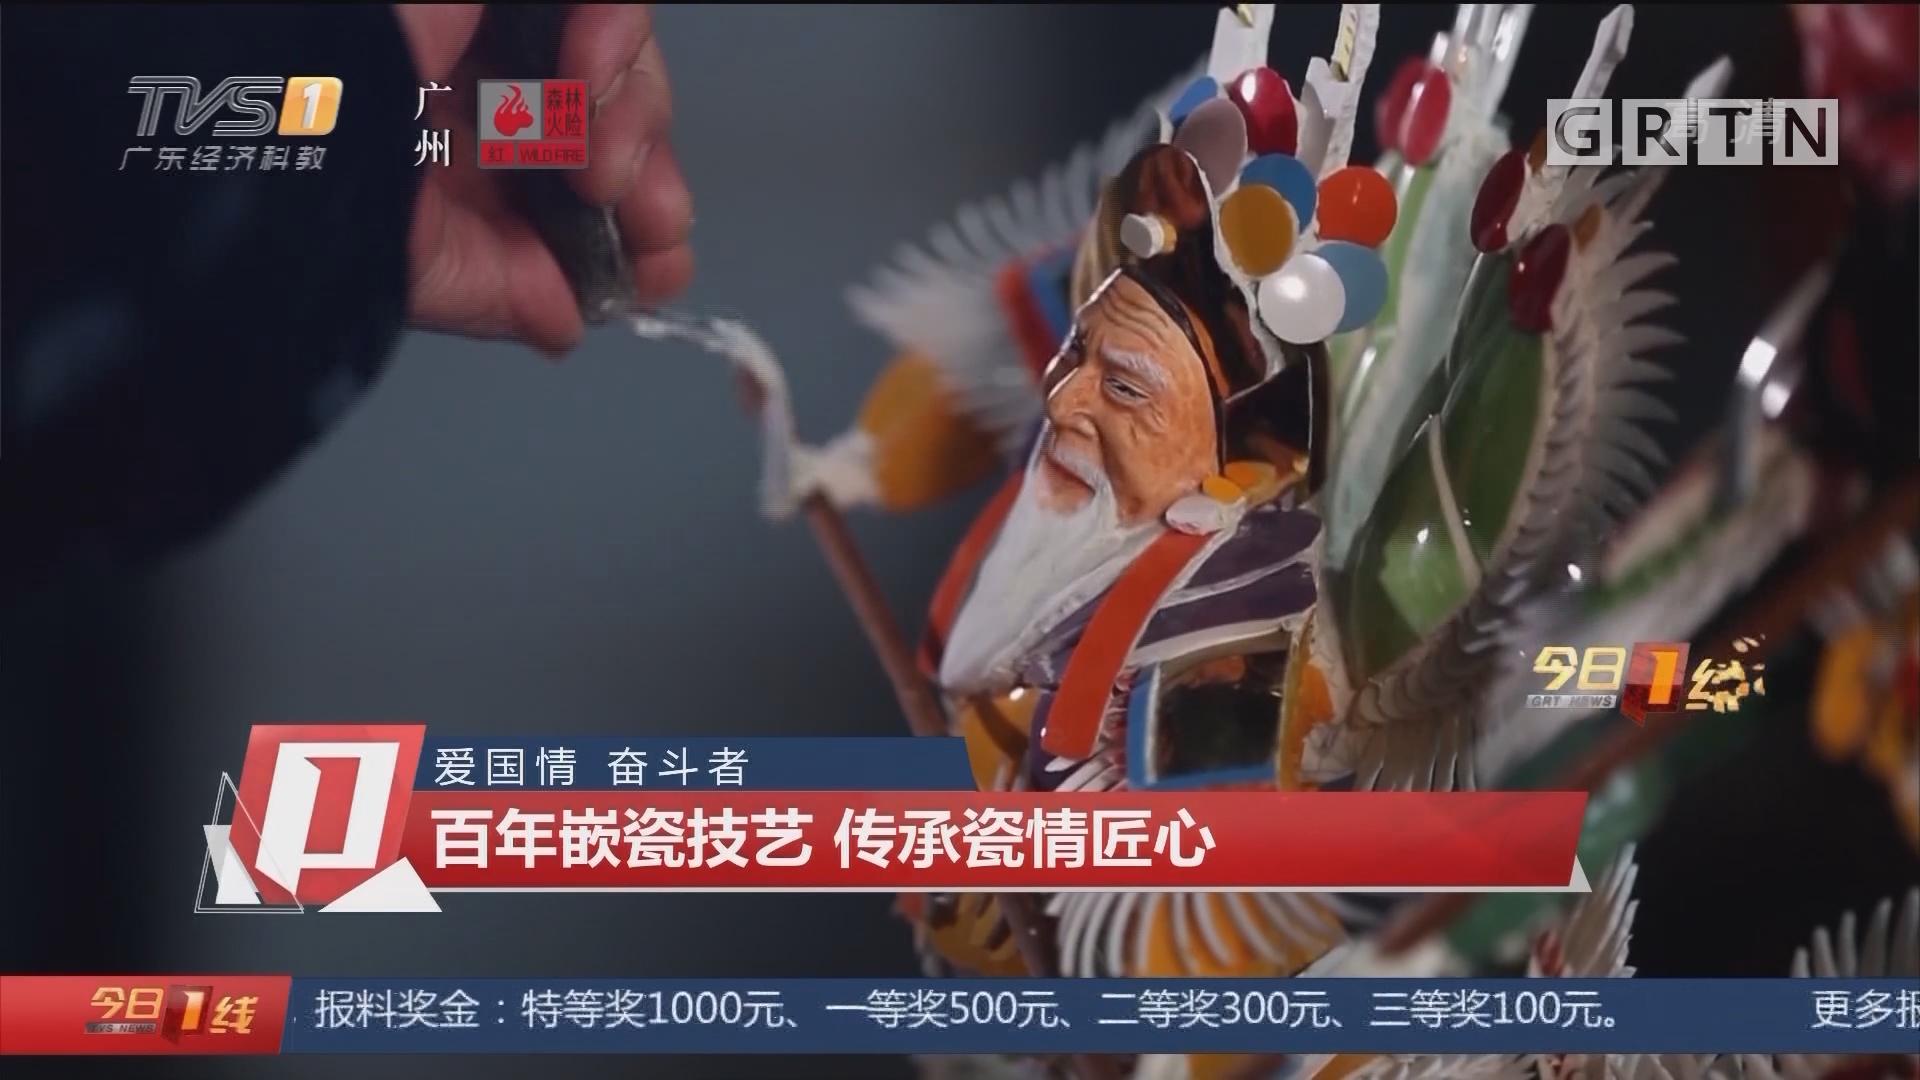 爱国情 奋斗者:百年嵌瓷技艺 传承瓷情匠心